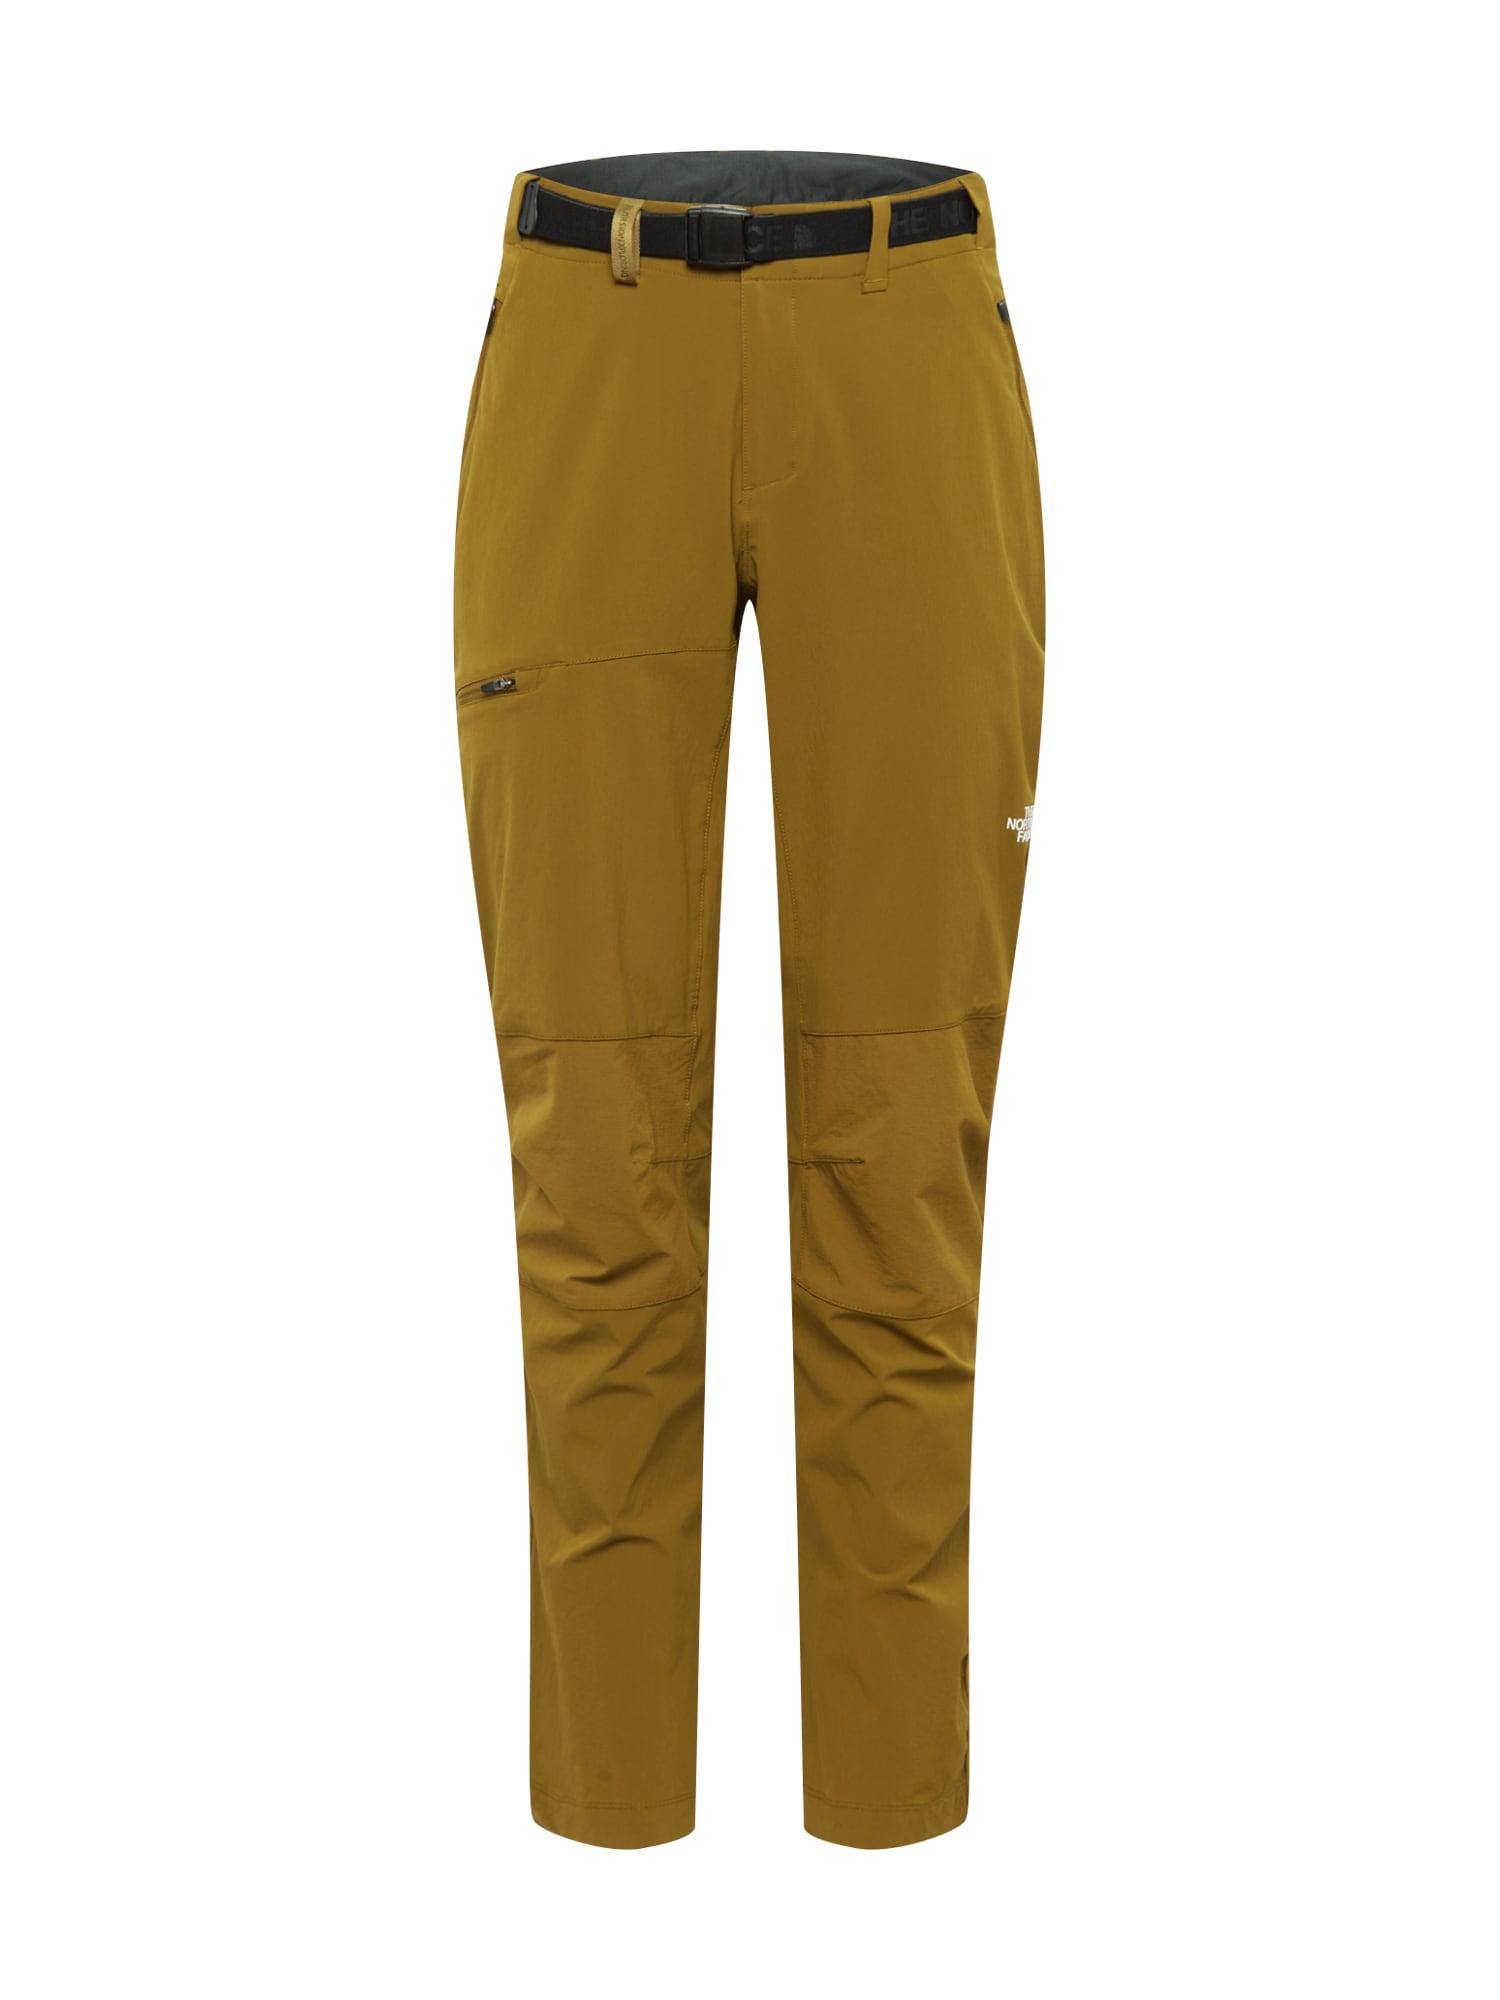 THE NORTH FACE Outdoorové kalhoty 'Speedlight'  olivová